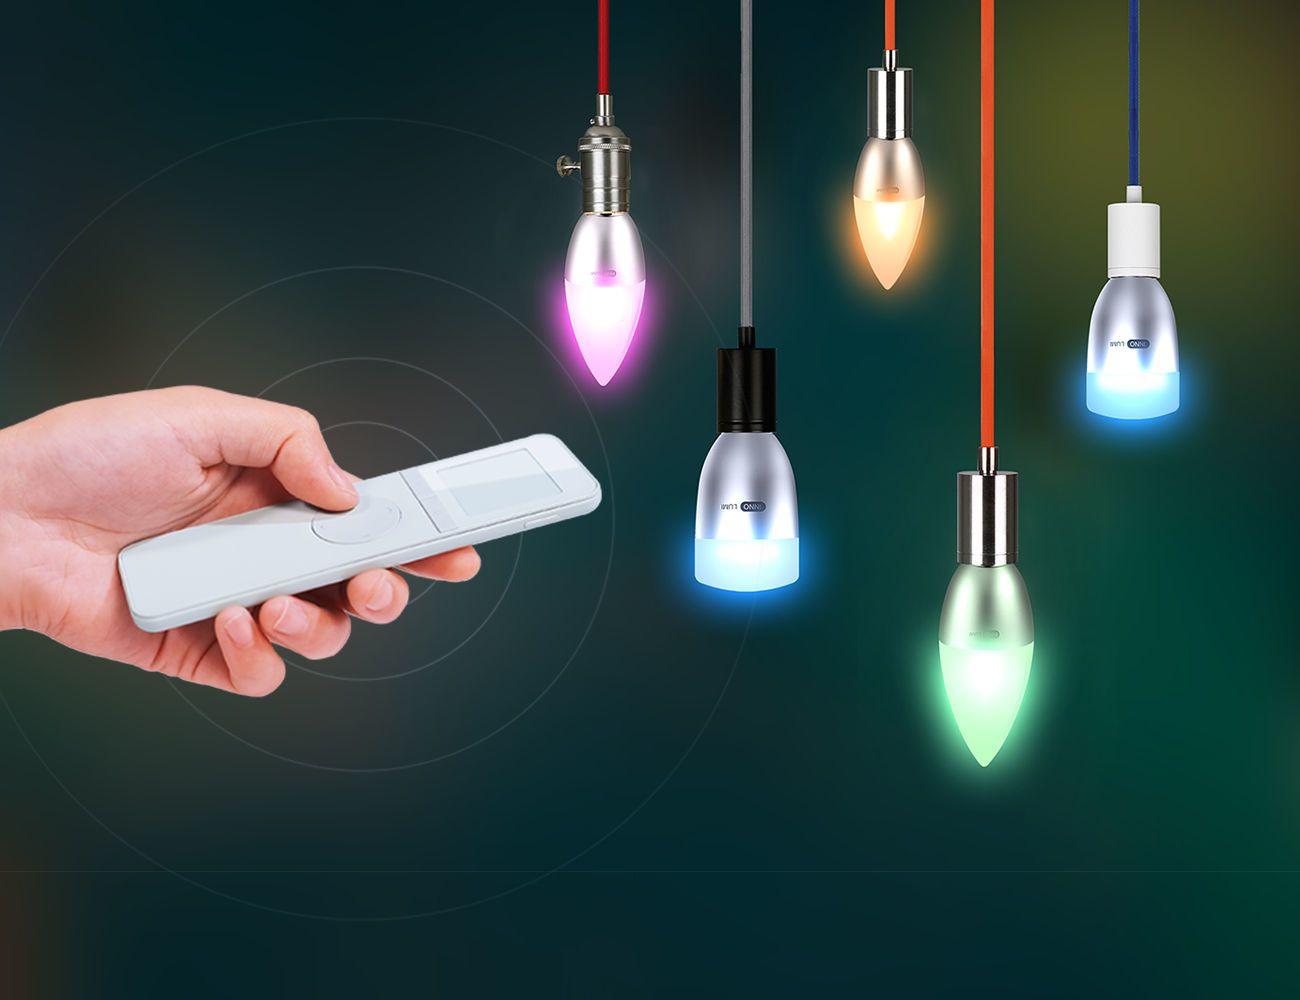 INNO LUMI Smart Lighting System